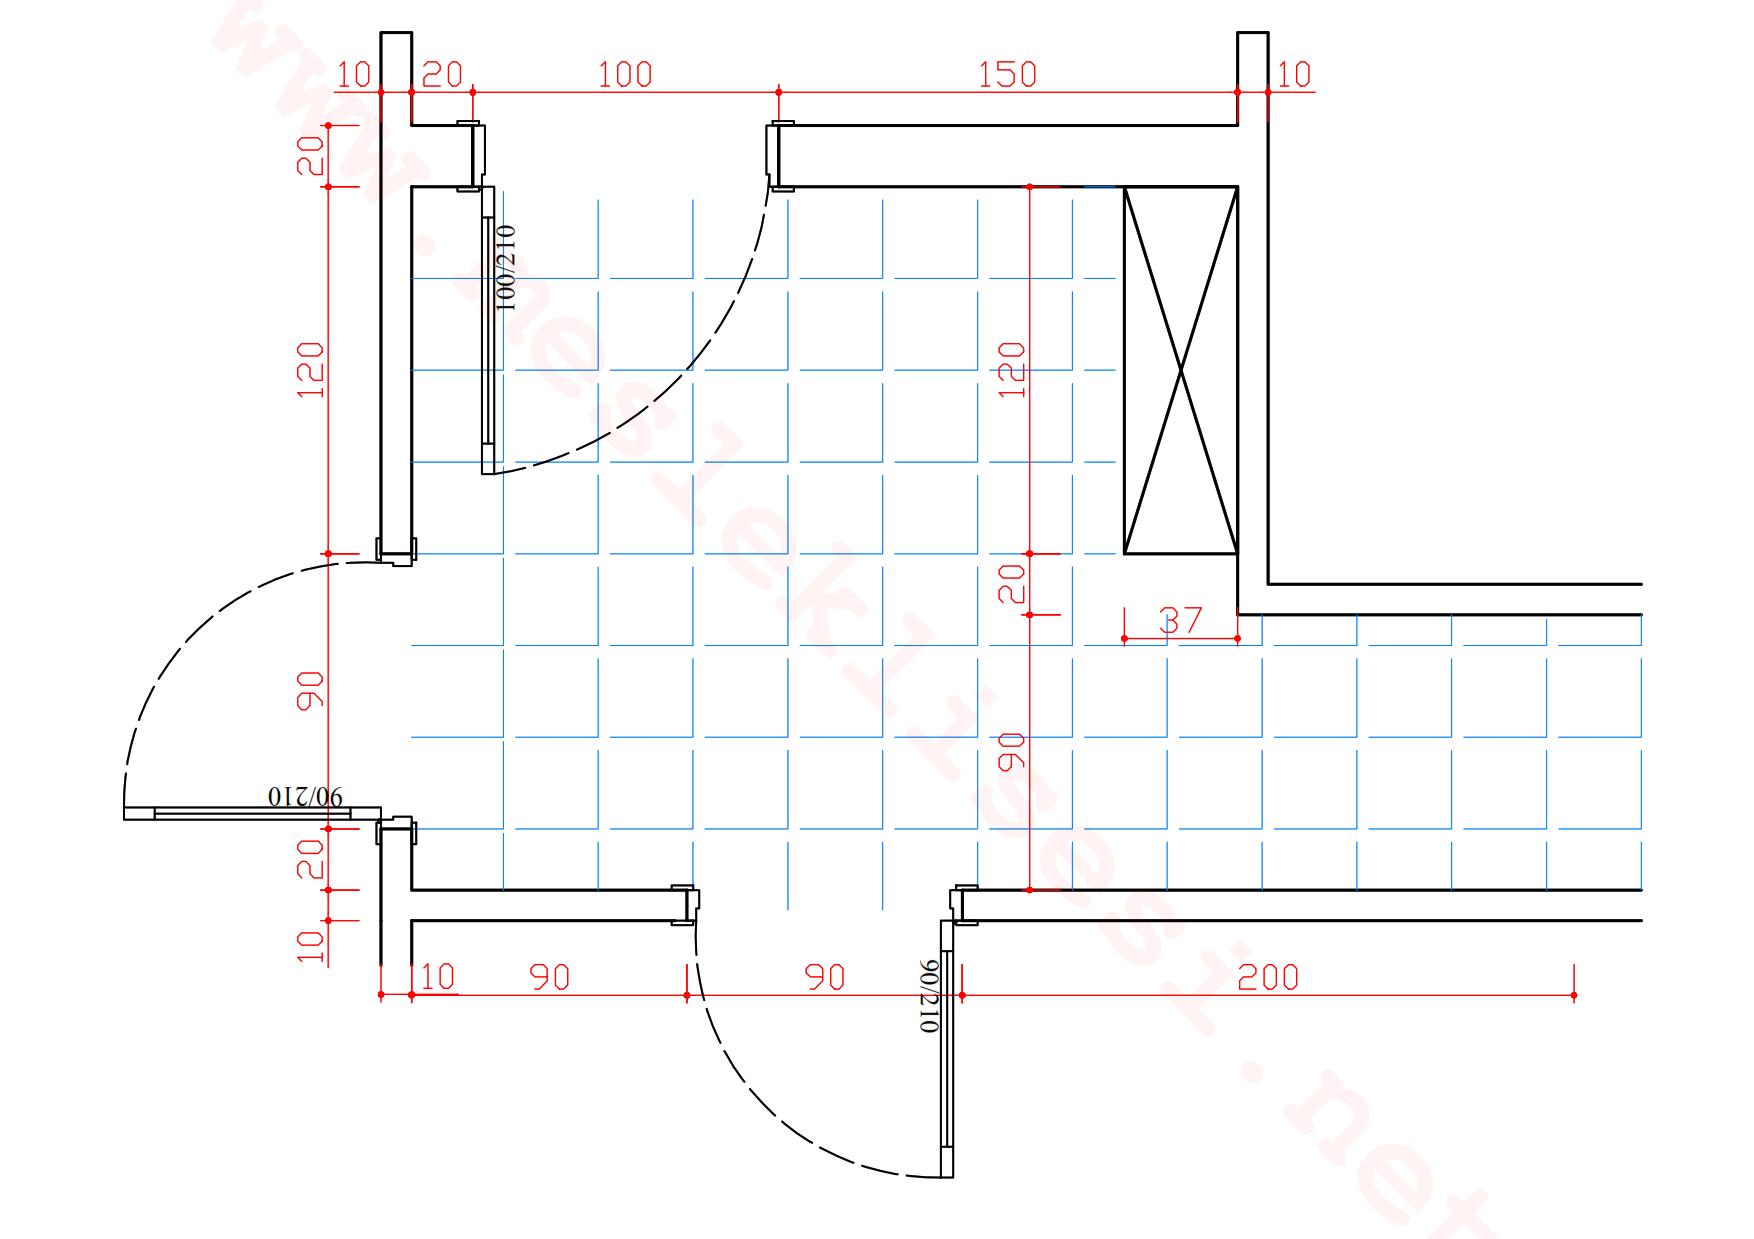 Bilgisayarlı Konut Mekan Resmi Antre Plan ve Duvar çizimi